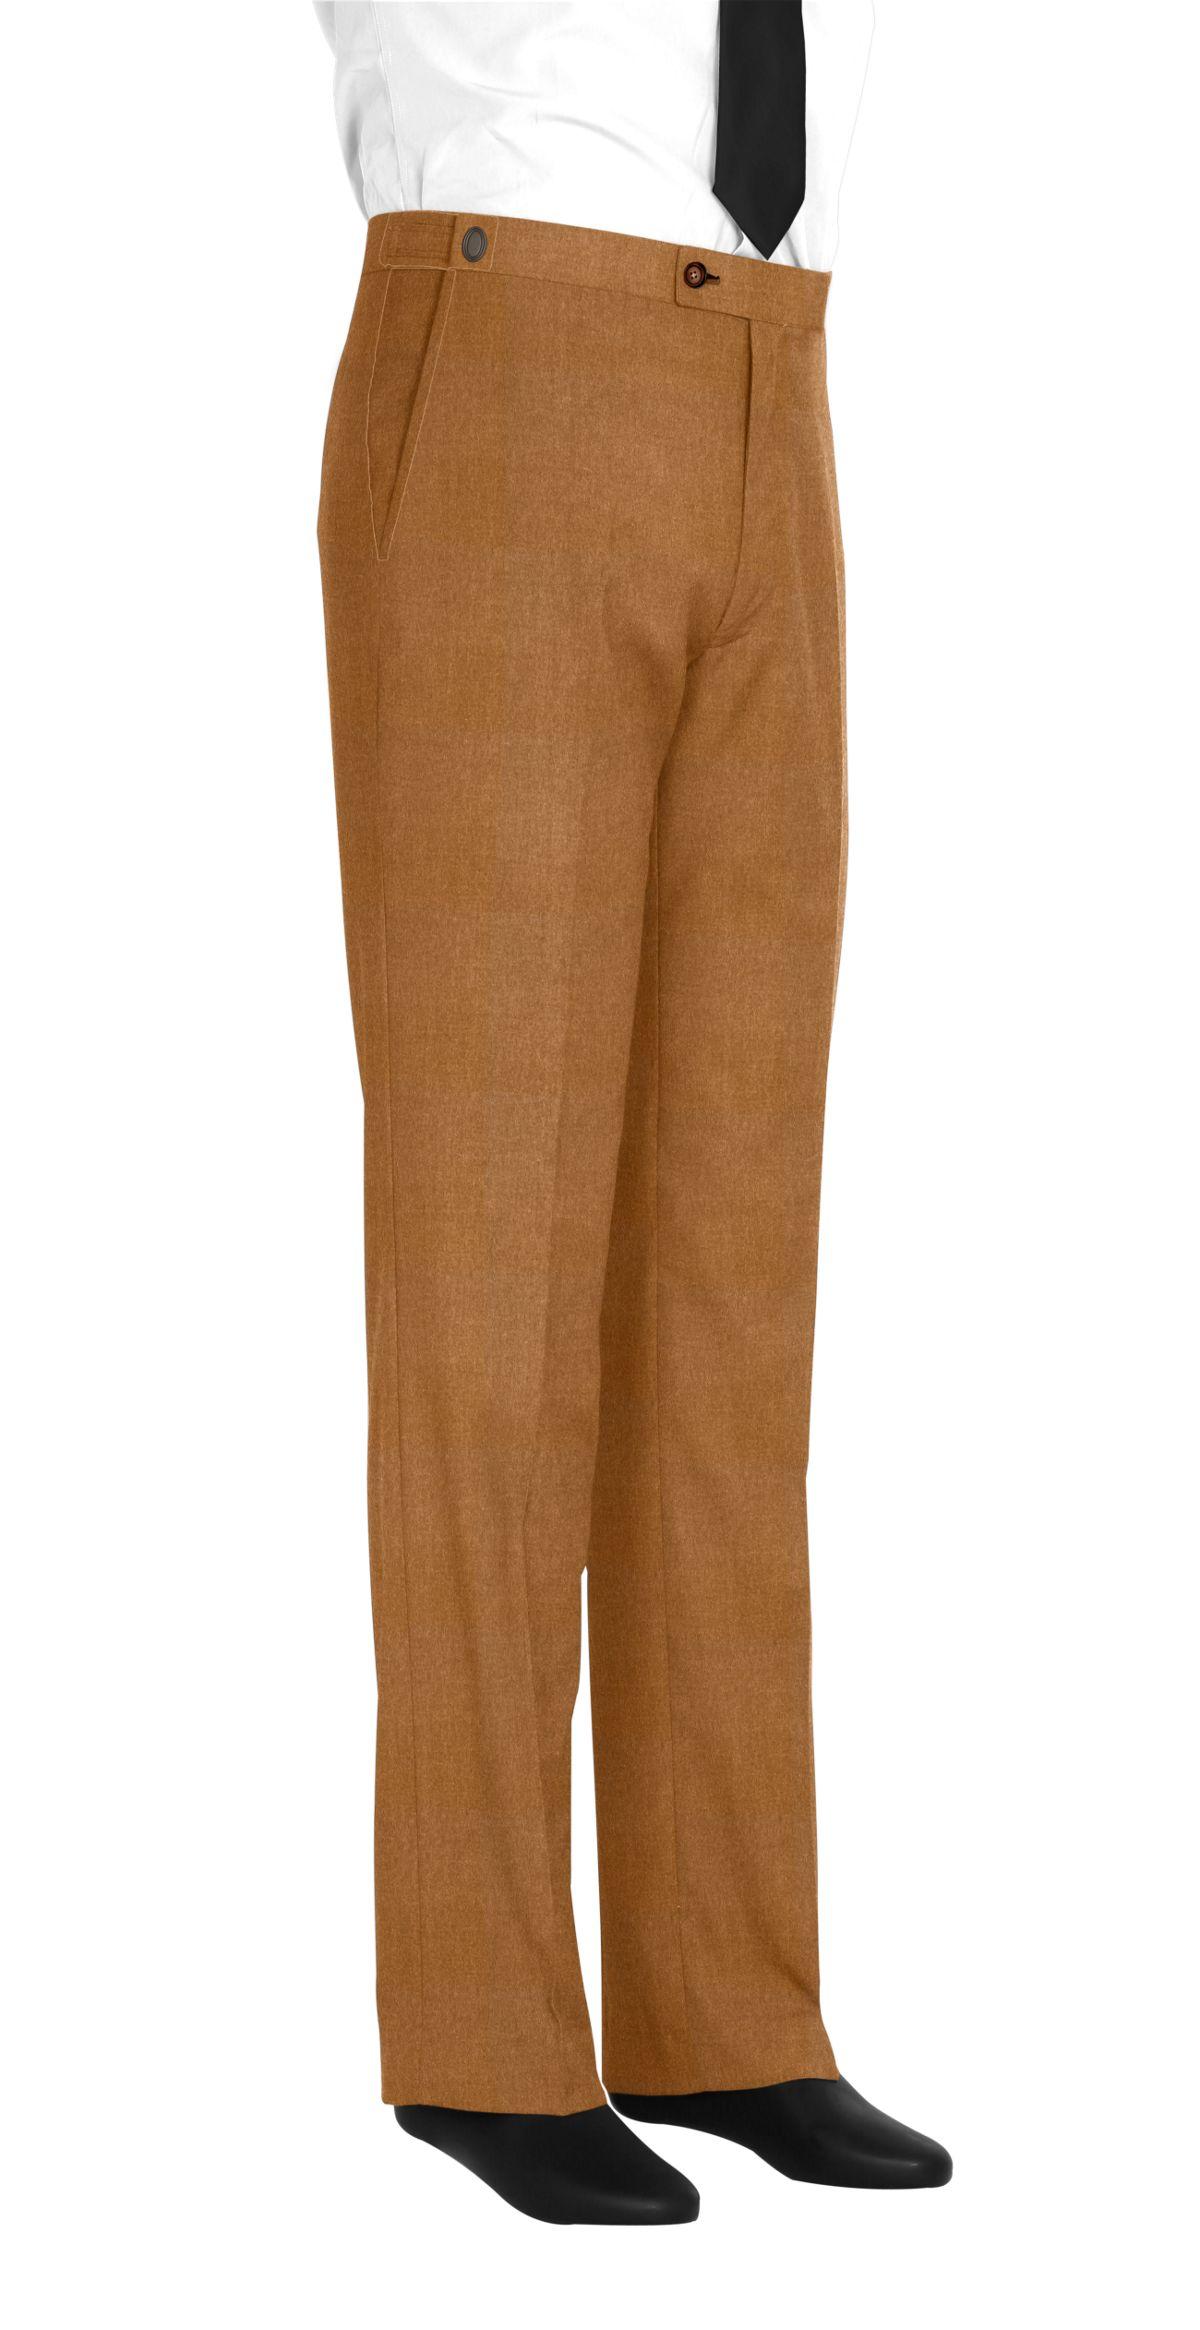 Pantalon homme sur mesure et personnalisé beige uni  bas simple sans revers